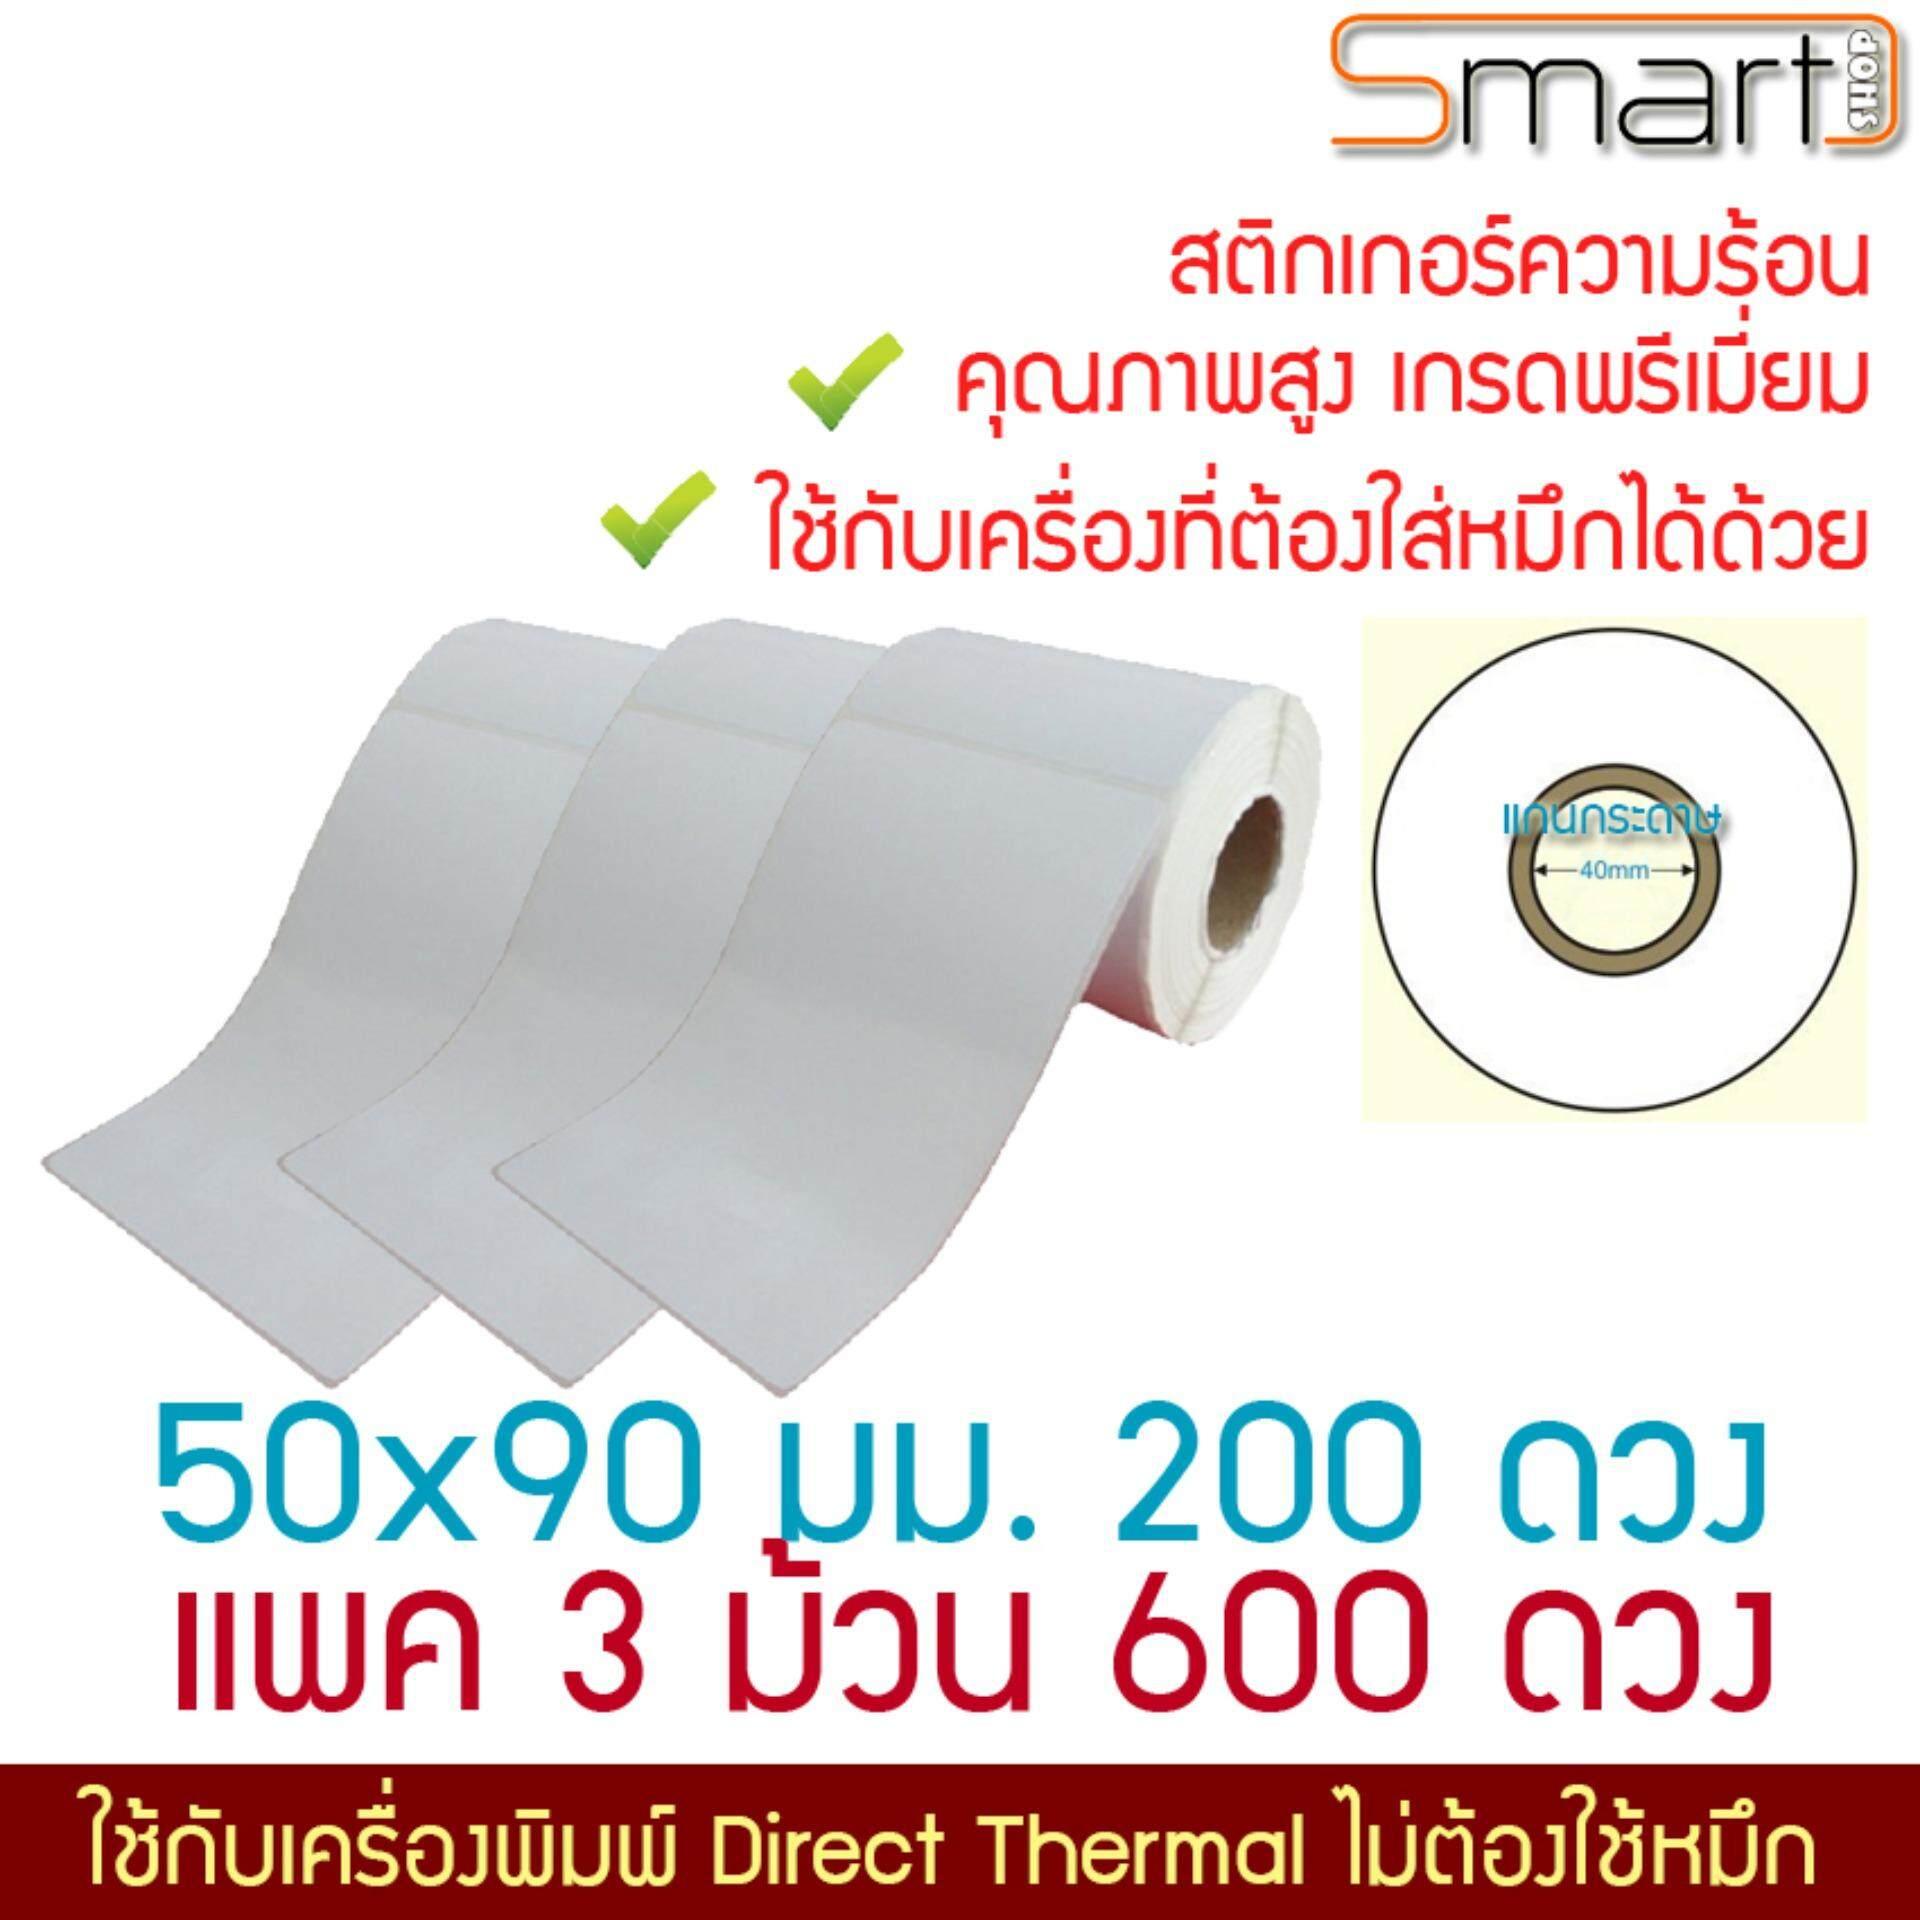 สติกเกอร์ จ่าหน้าจดหมาย จ่าหน้าส่งสินค้า ฉลากสินค้า ป้ายยา บาร์โค๊ด คิวอาร์โค๊ด ขนาด 50x90 มม. 200 ดวงต่อม้วน จำนวน 3 ม้วน (รวม 600 ดวง).